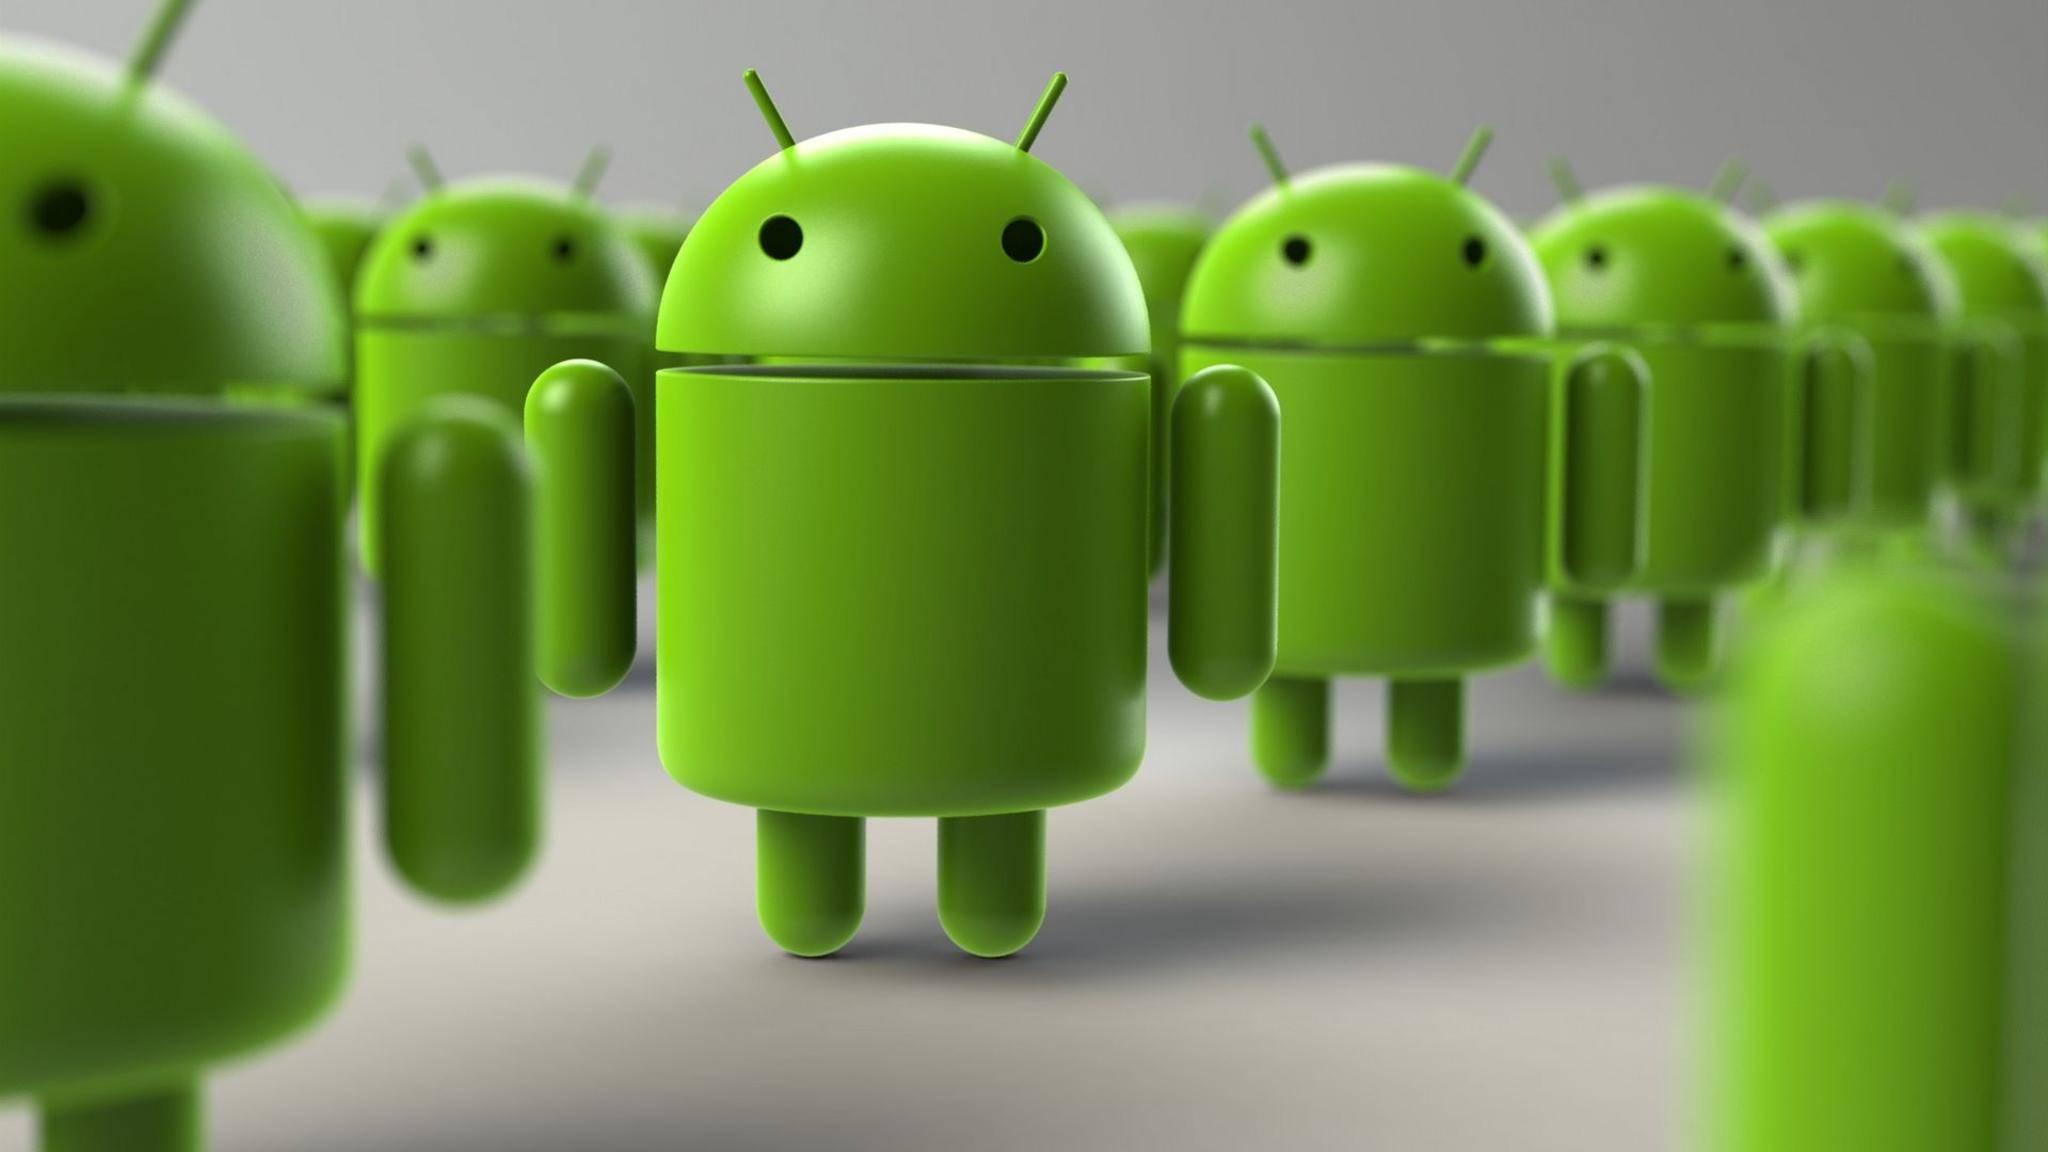 Android beherrscht viele Sprachen. Wir verraten Dir, wie Du sie änderst.